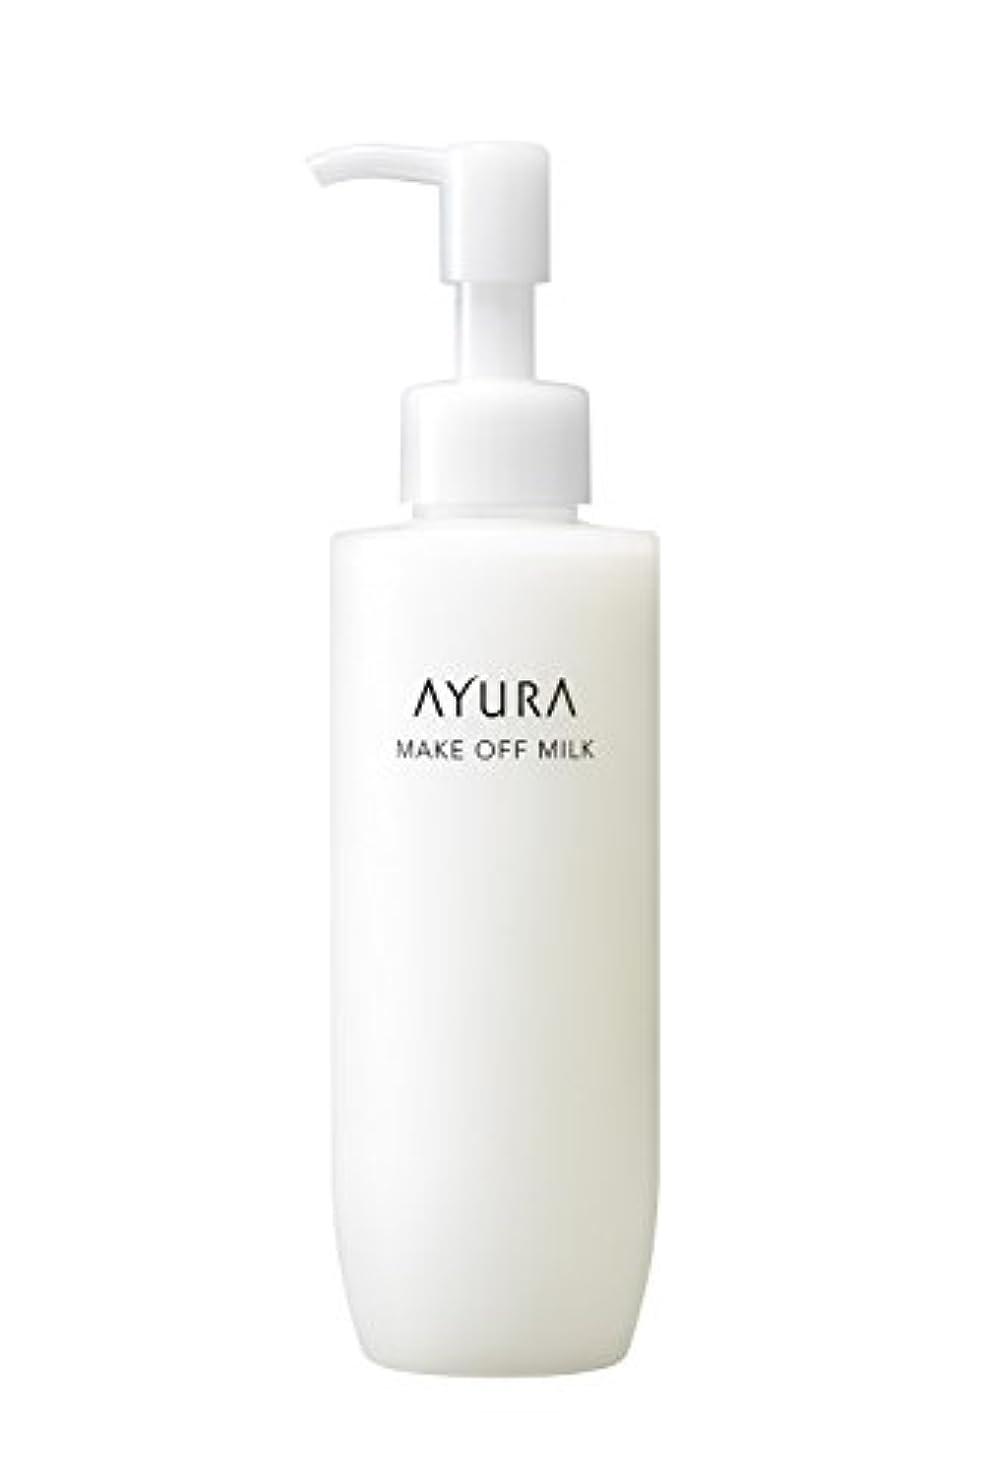 ブーム列車アリアユーラ (AYURA) メークオフミルク < メイク落とし > 170mL 肌をいたわりながらしっかりオフするミルクタイプ